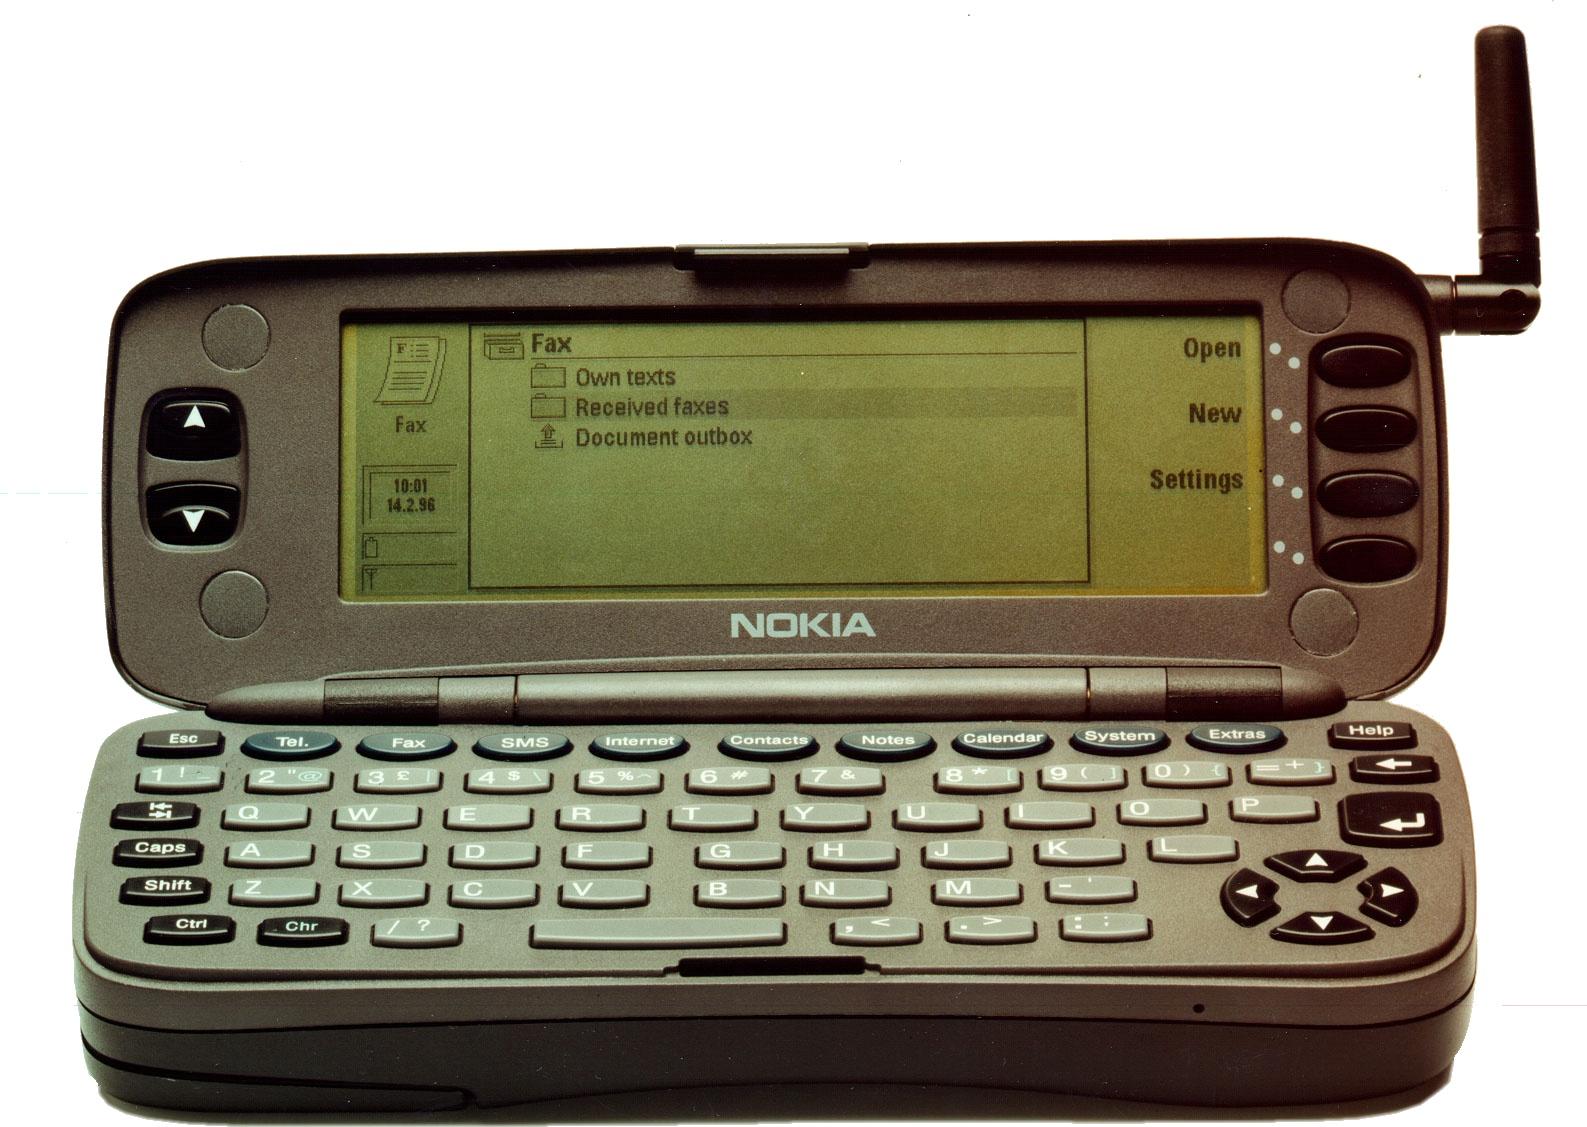 9000 Communicator - description and parameters